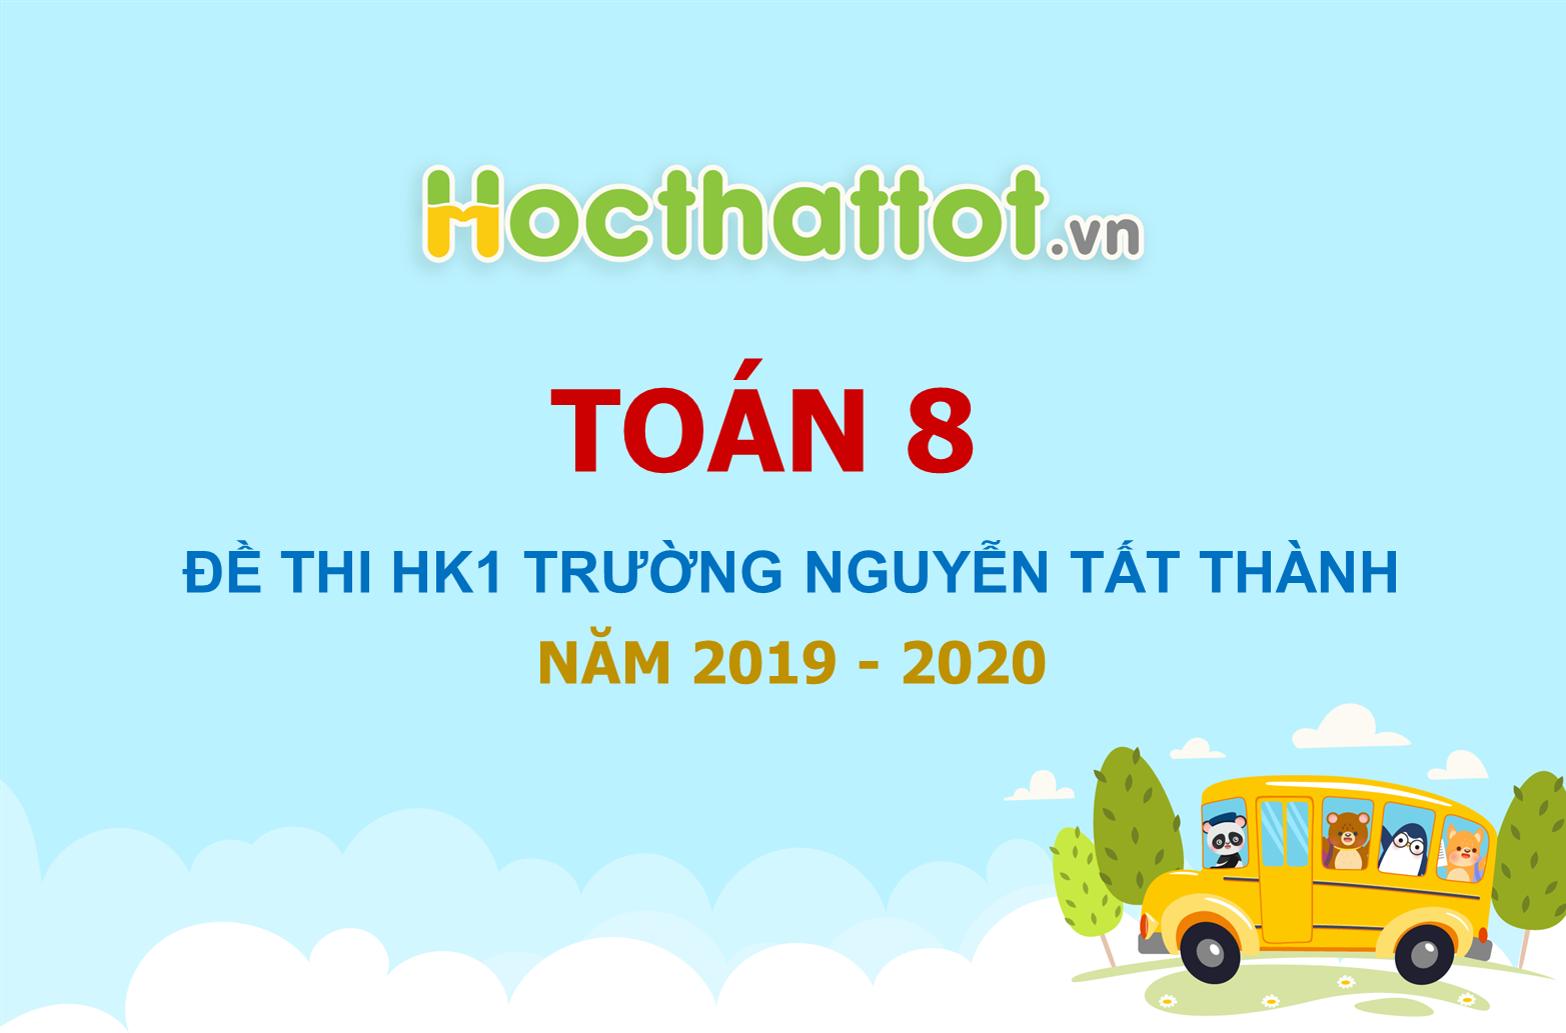 de-thi-hk1-toan-8-nam-2019-2020-truong-nguyen-tat-thanh-ha-noi